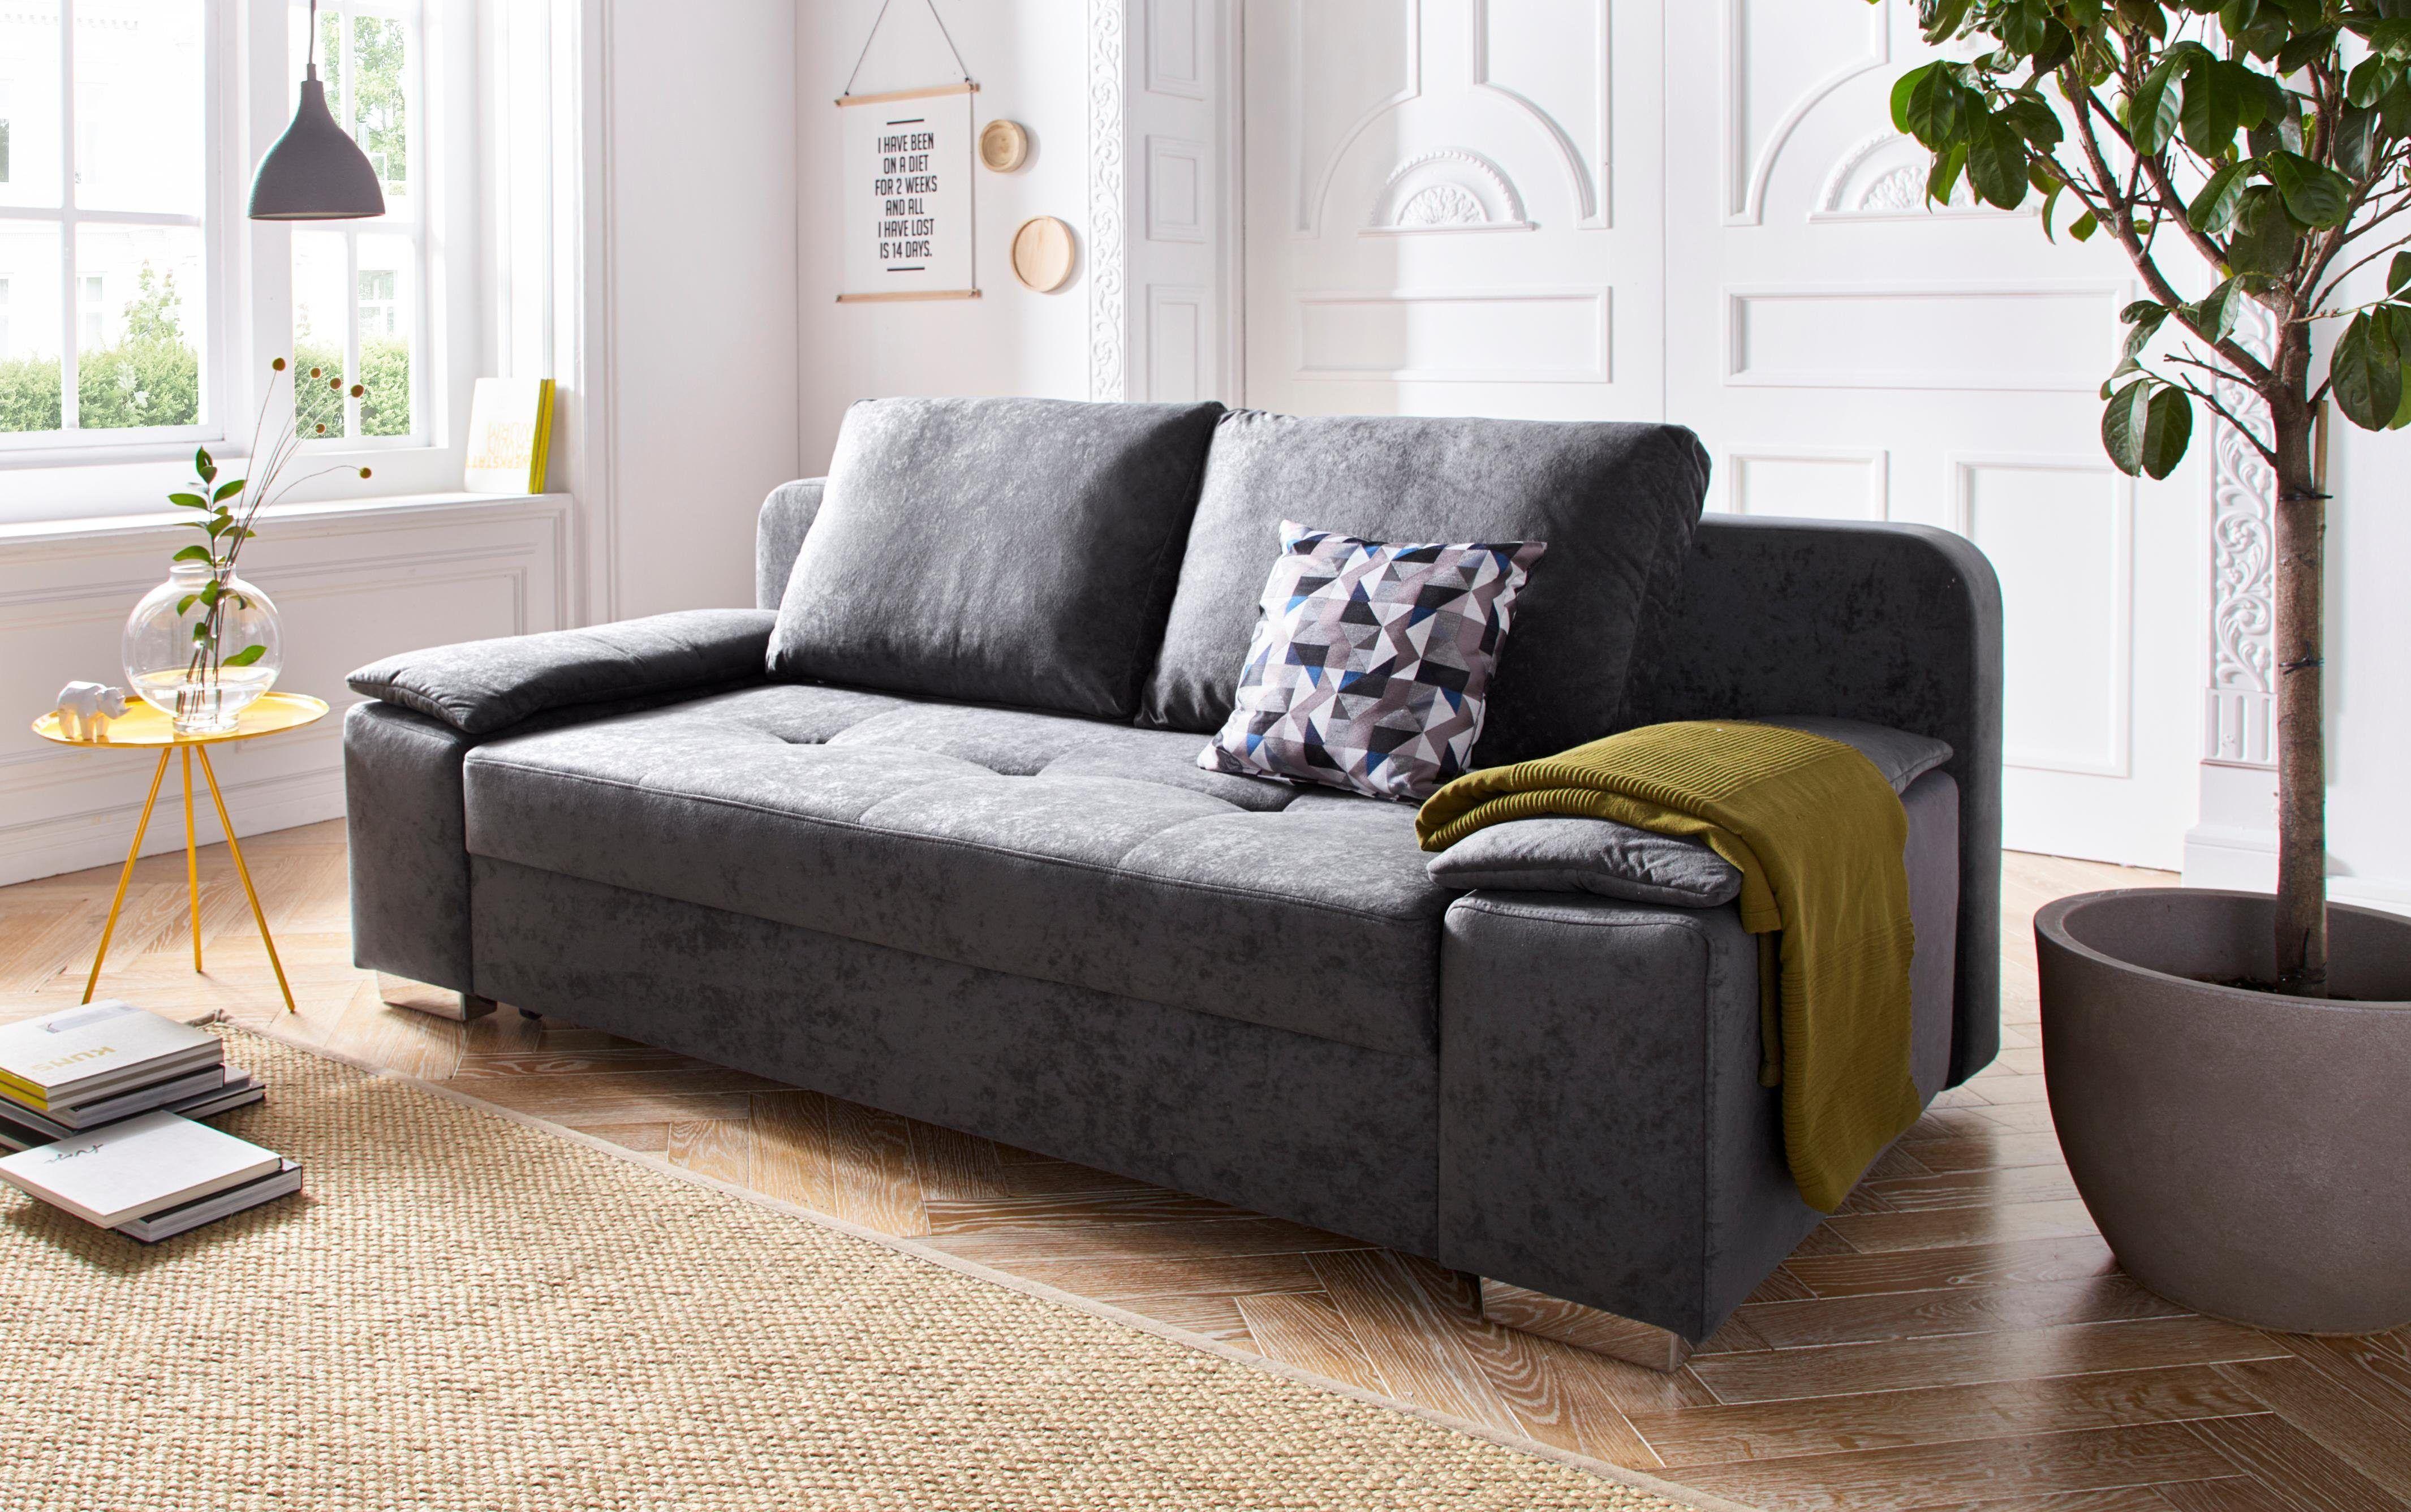 Gute Qualitat Sofabetten Sind Grossartige Gebrauchsinnendekoration